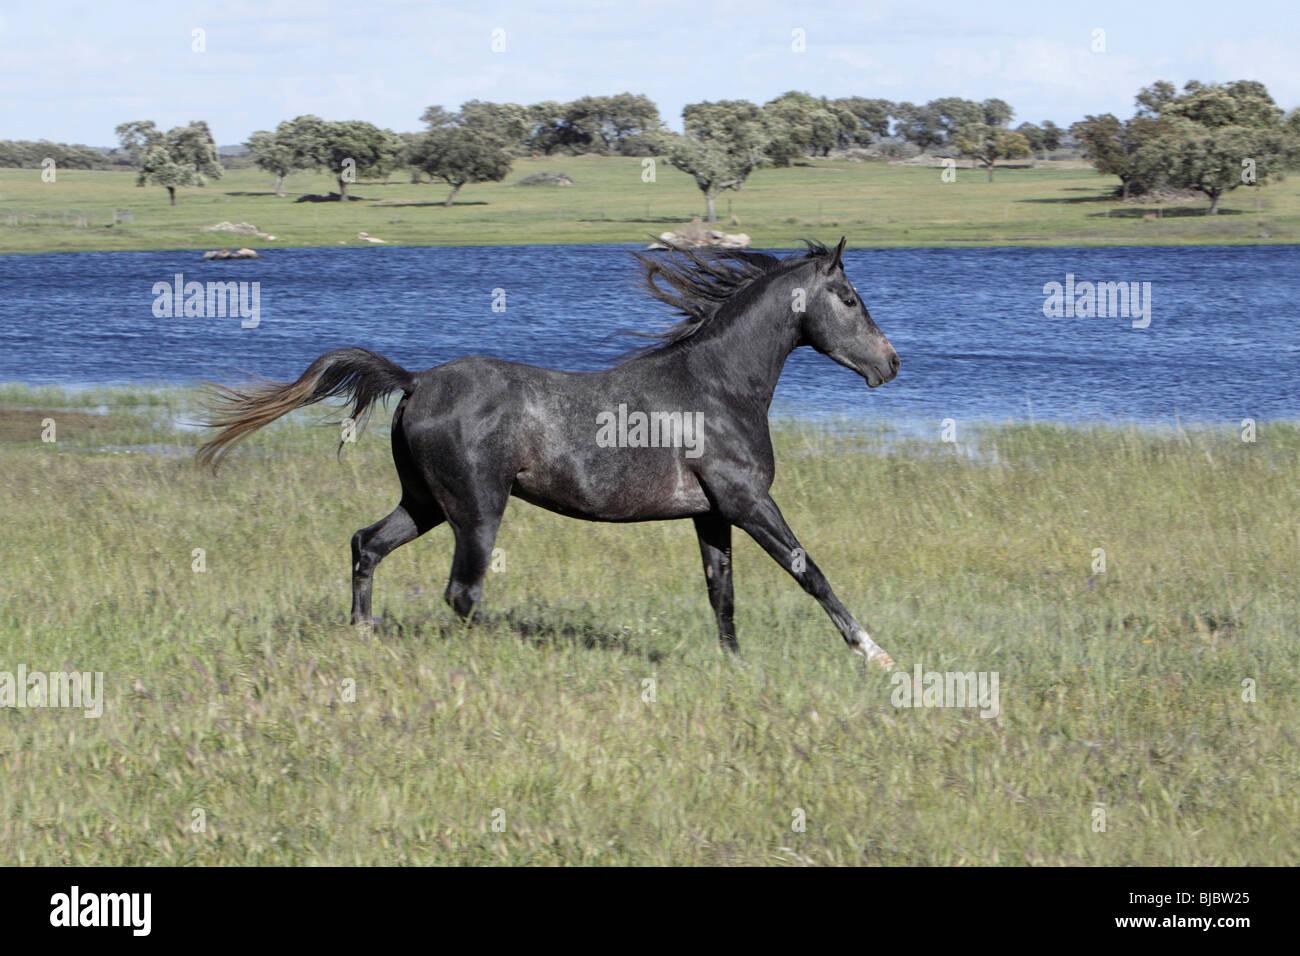 Arabic Horse, stallion trotting across meadow, region of Alentejo, Portugal - Stock Image